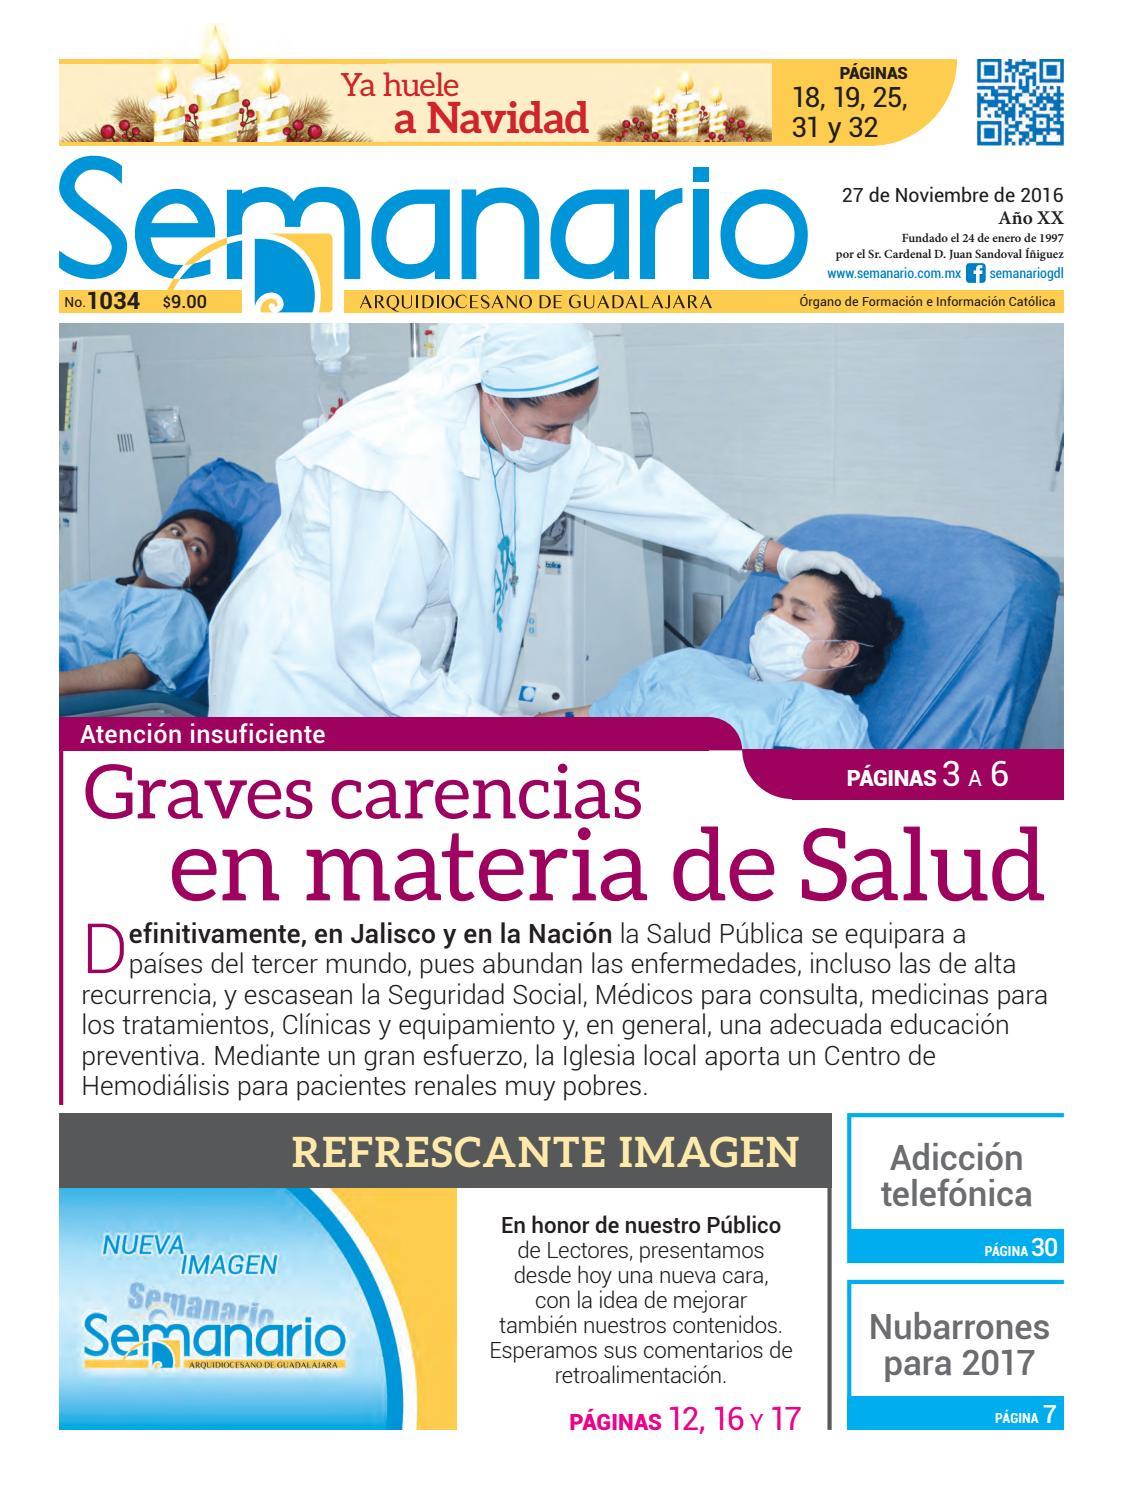 Semanario #1034 by Semanario Arquidiocesano de Guadalajara ... - photo#2